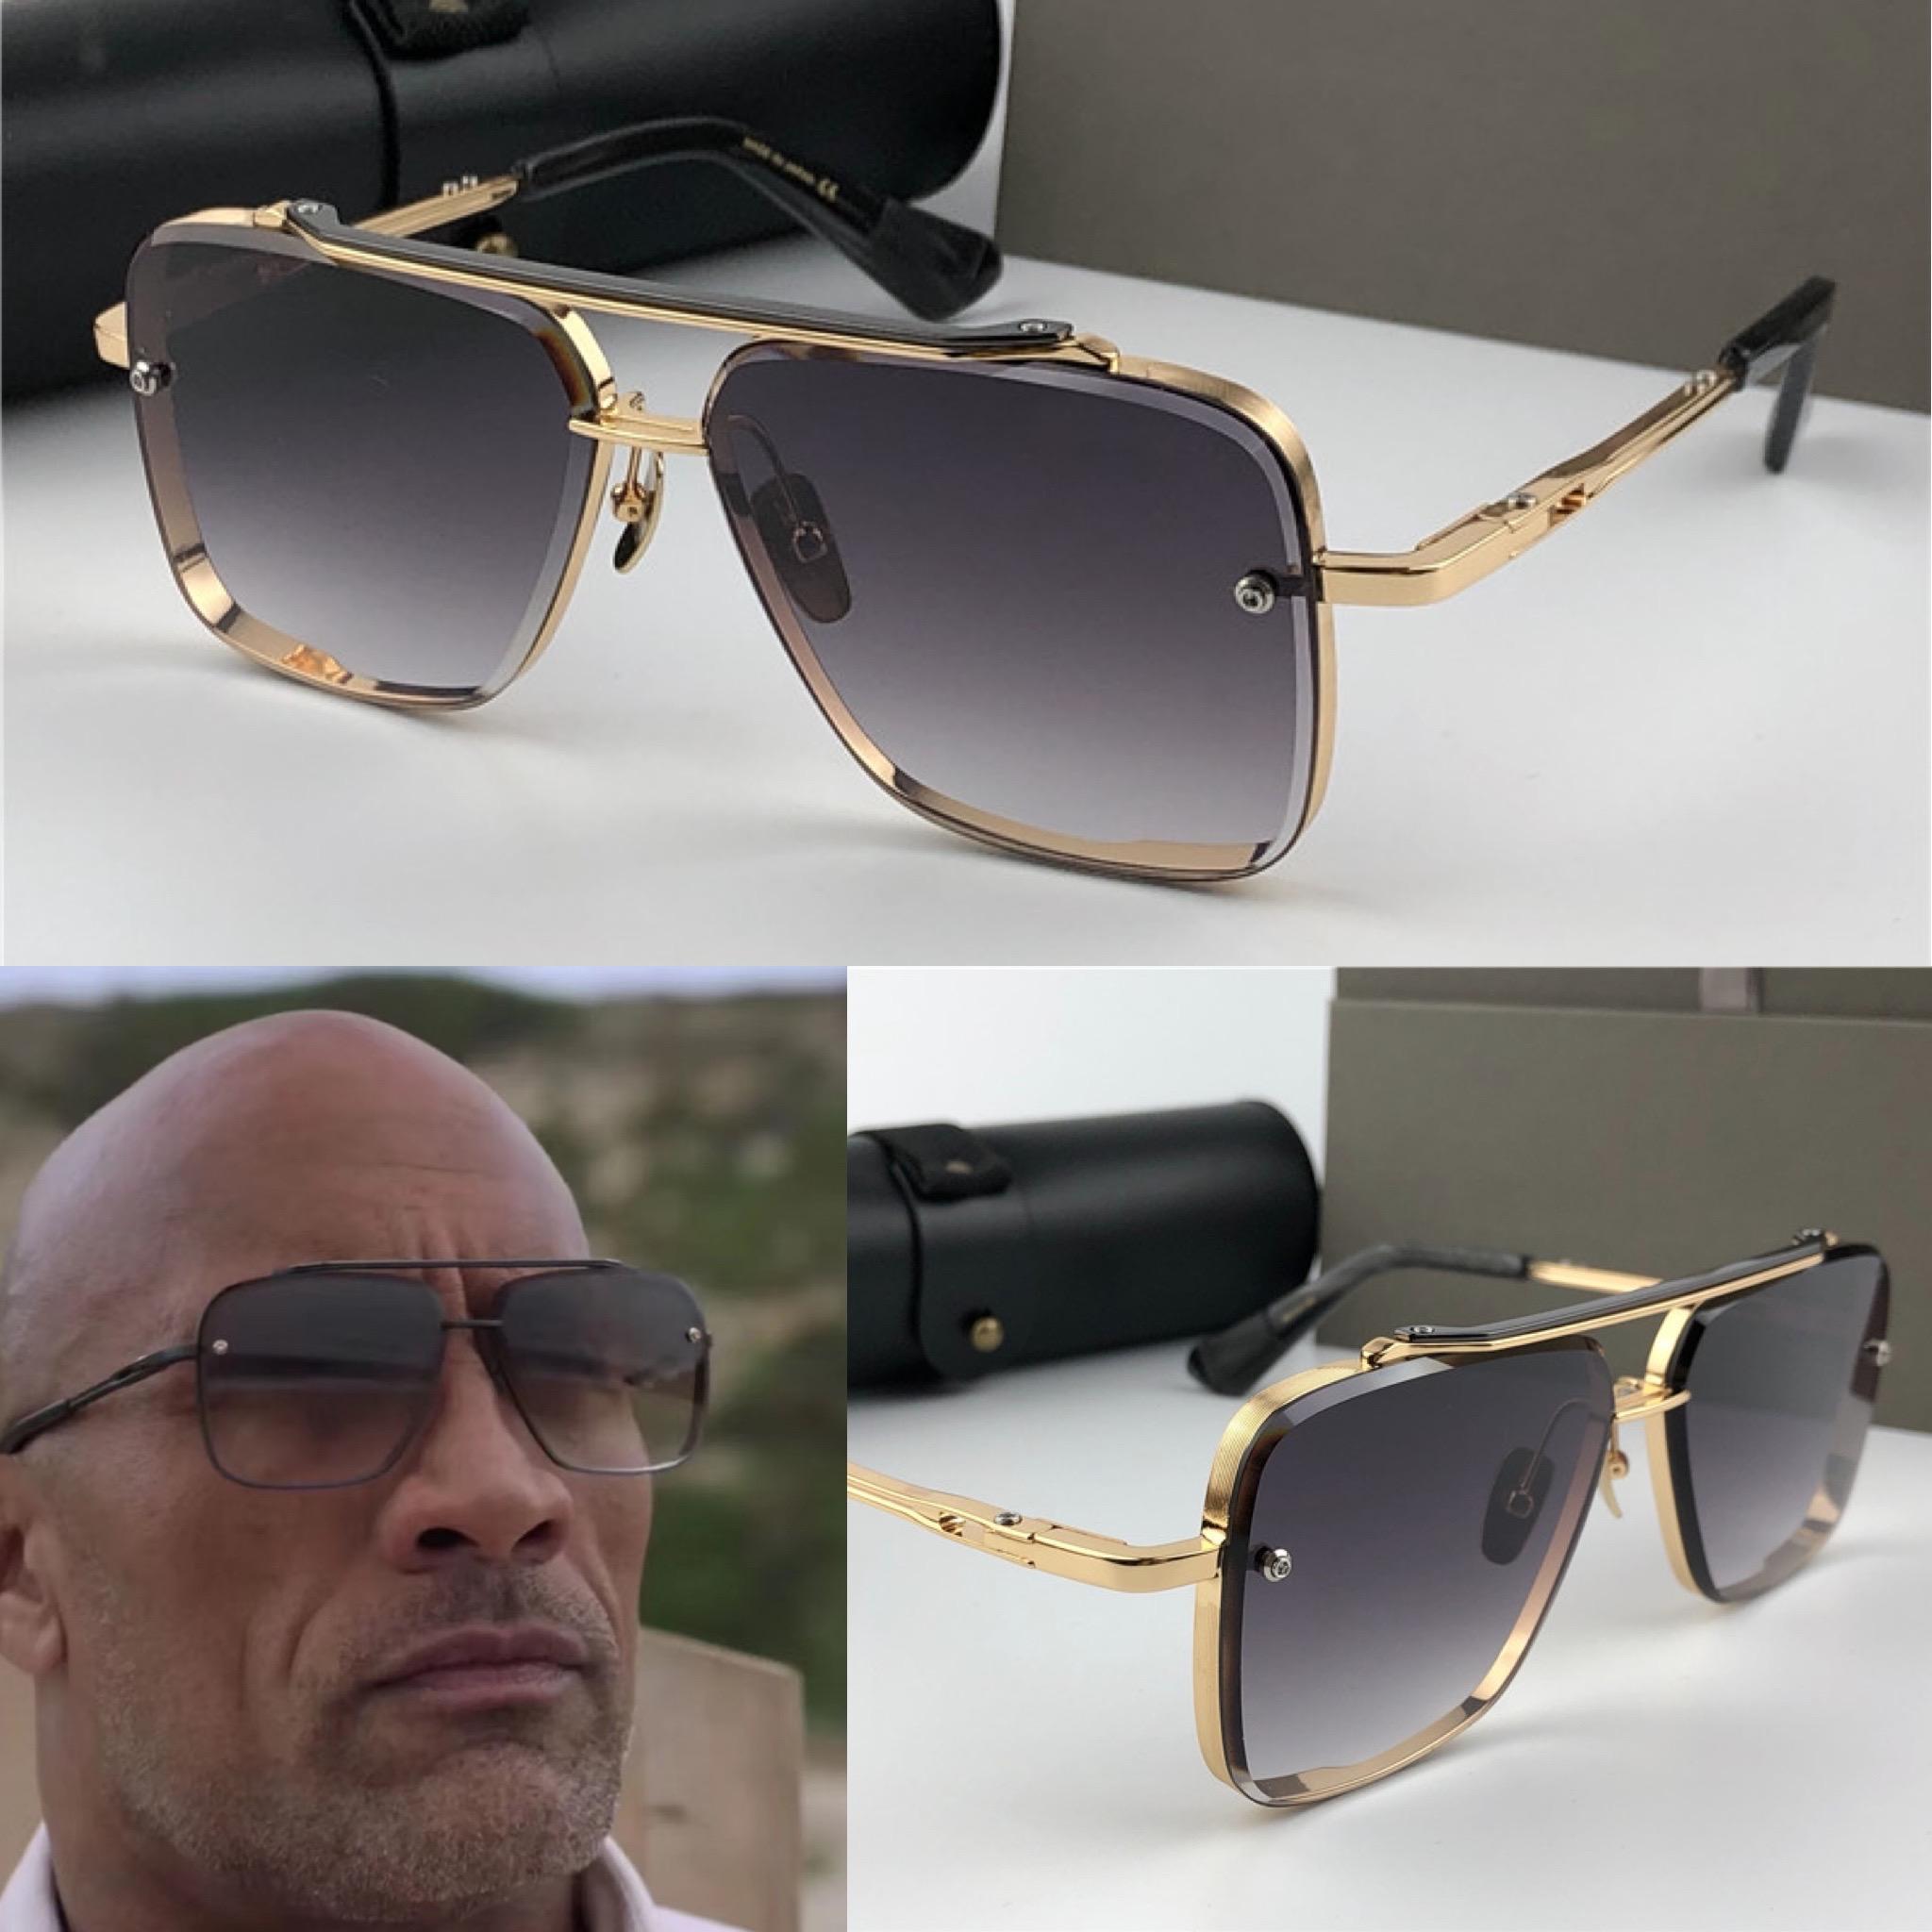 النظارات الشمسية الجديدة الرجال معدن تصميم خمر النظارات الشمسية الاسلوب المناسب بدون إطار مربع UV 400 مع عدسة حالة